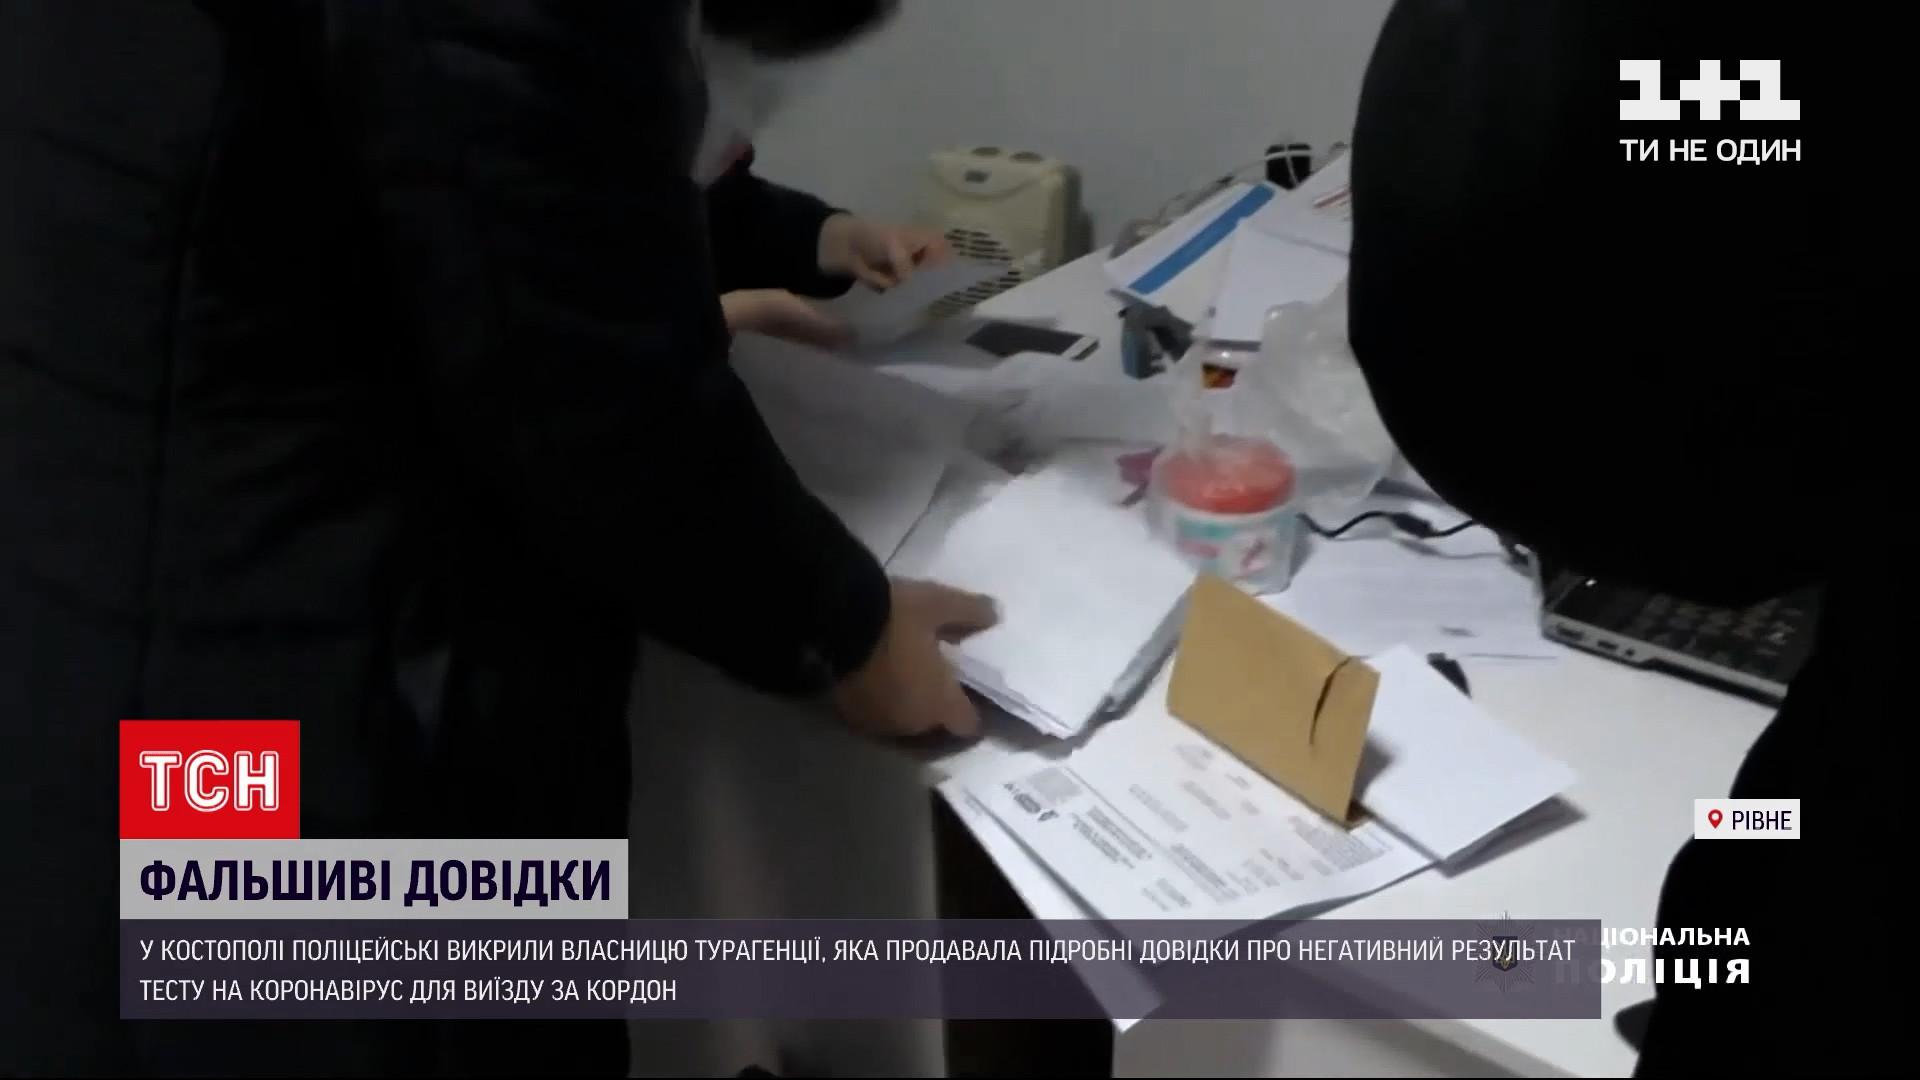 На Ривненщине арестовали владелицу турагентства, которая подделывала результаты тестов на COVID-19